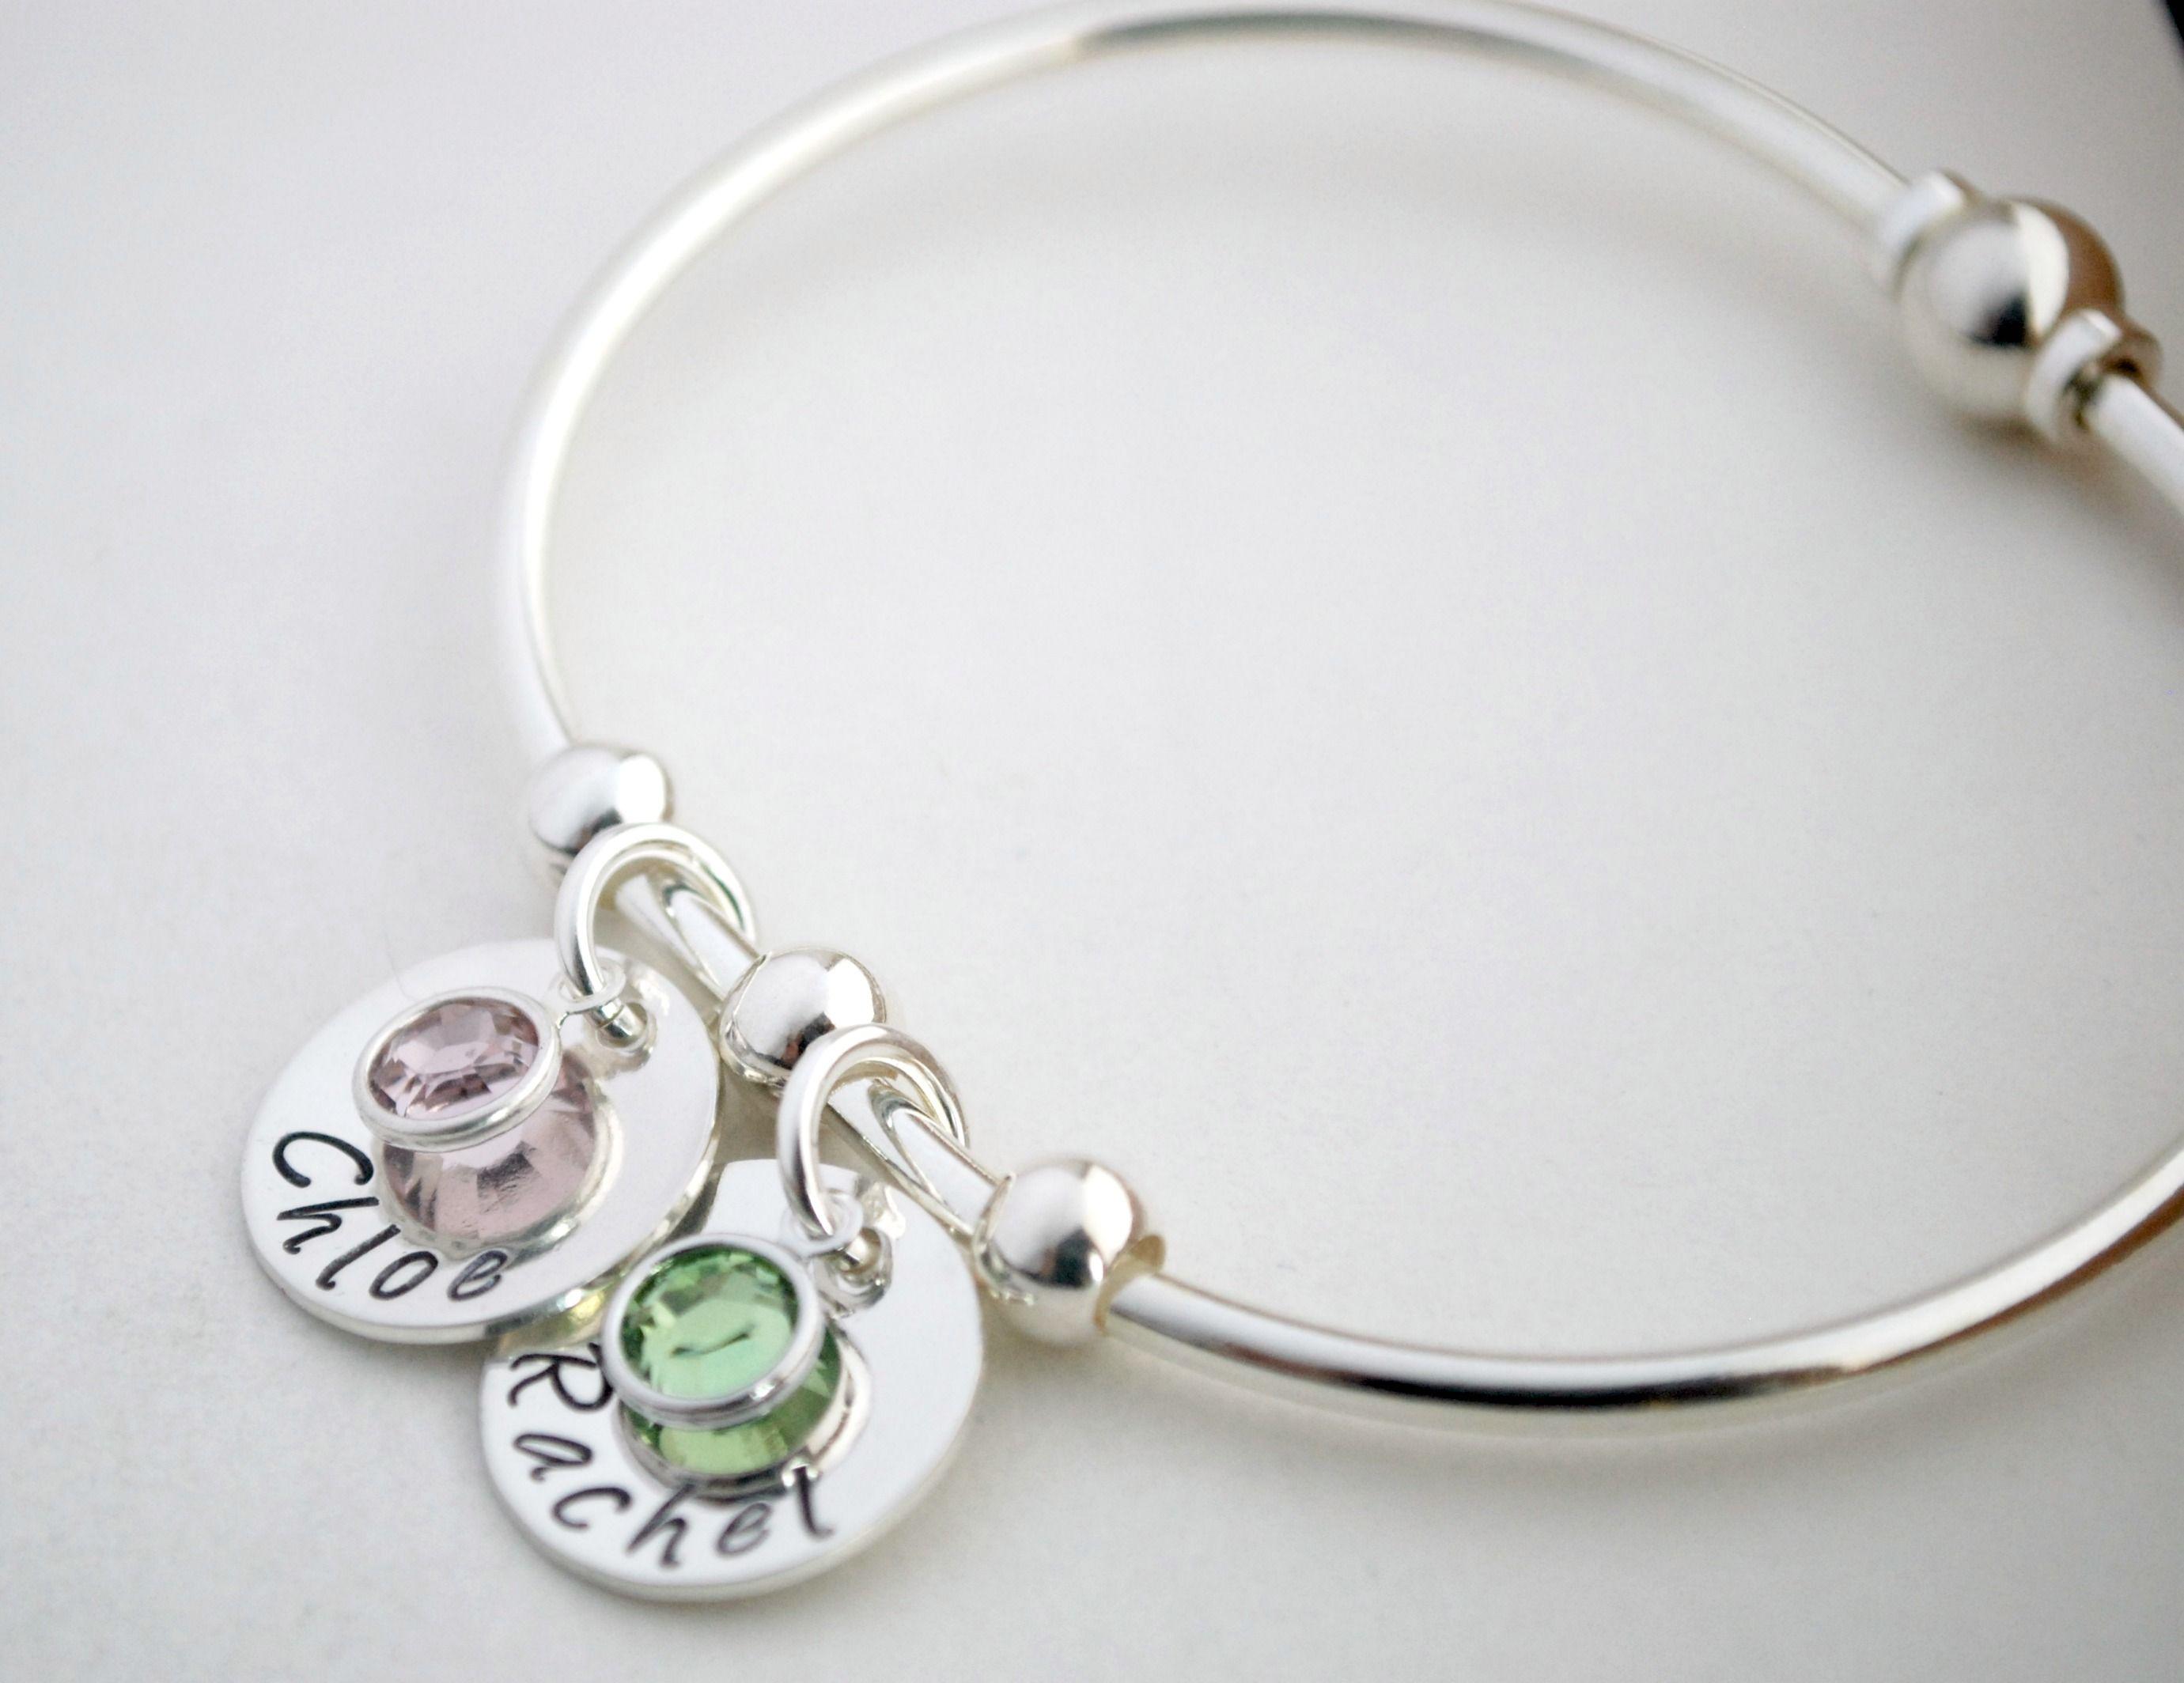 buy hand made bangle bracelet with custom names sterling. Black Bedroom Furniture Sets. Home Design Ideas